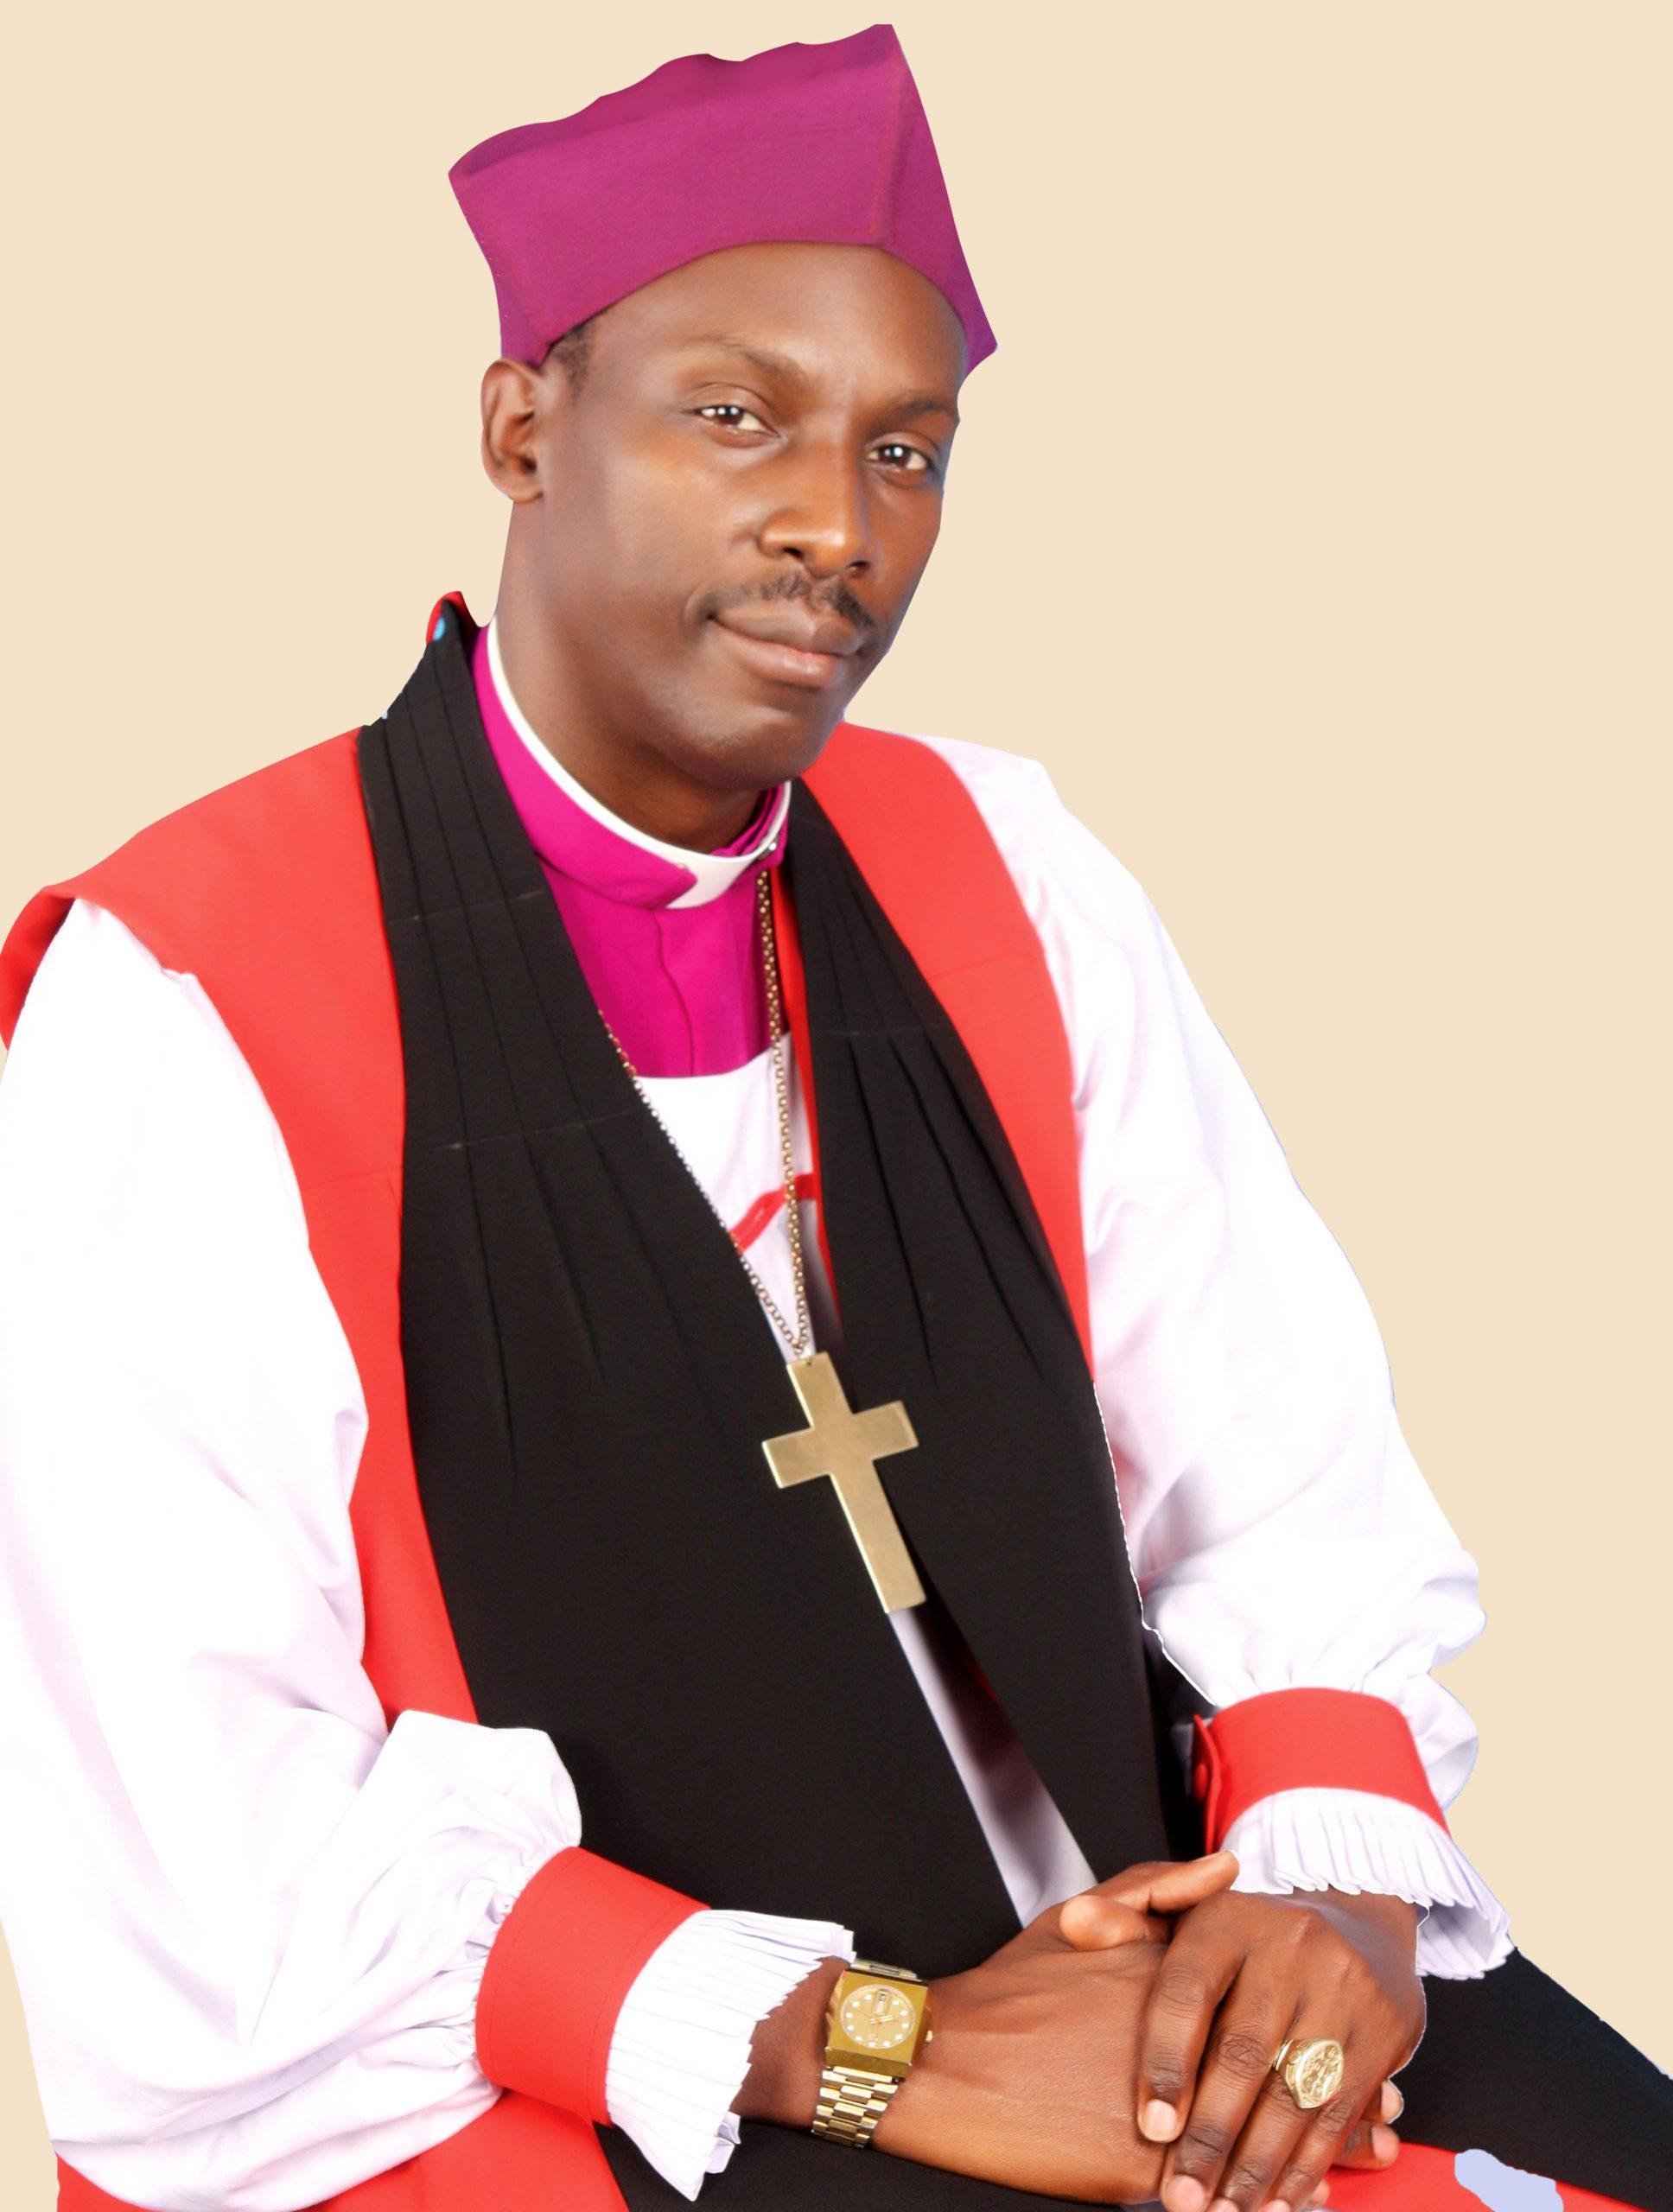 Rt. Rev. Dr. Fred Sheldon Mwesigwa (PhD)